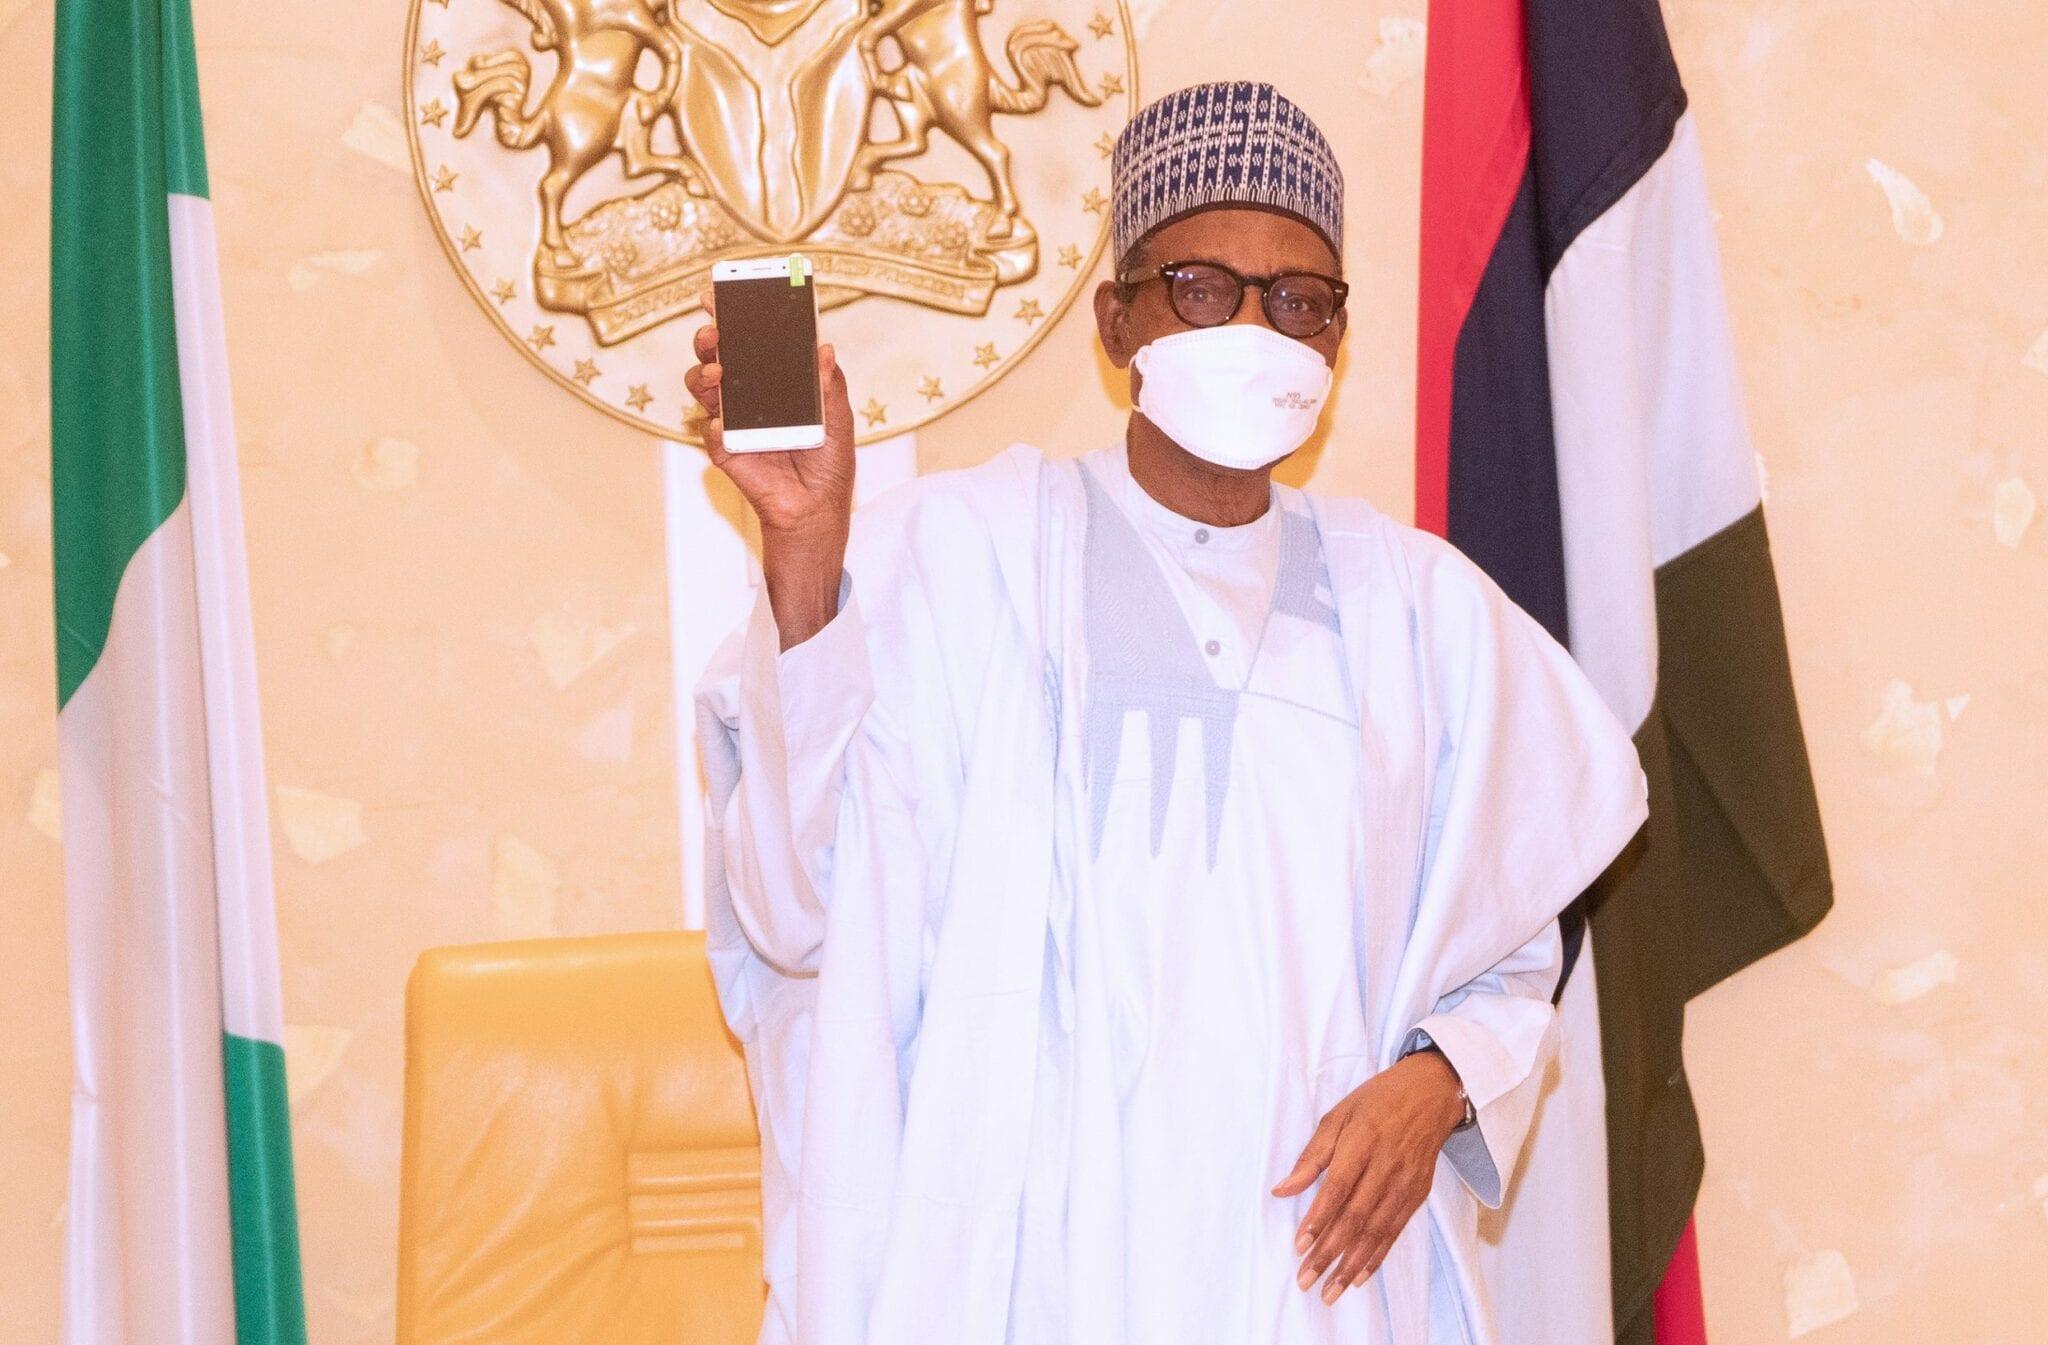 Le président Buhari reçoit le premier téléphone «made in Nigeria»